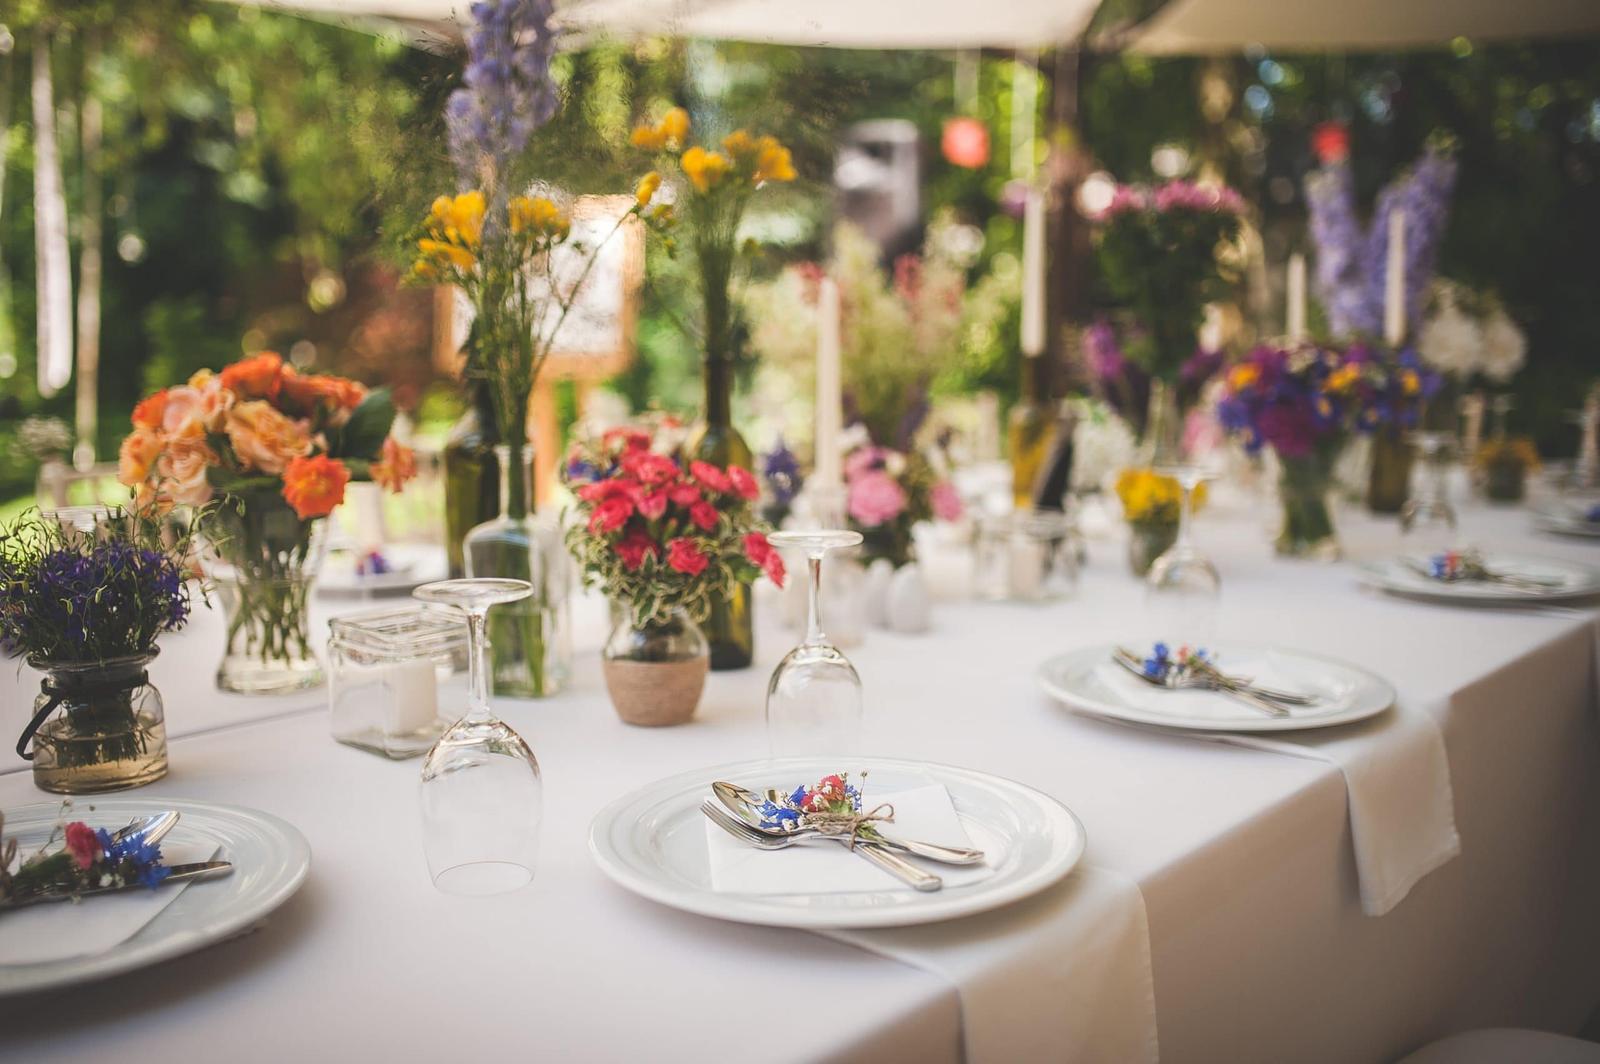 Plánovací diár - rozne sklenene nadoby s kvetmi